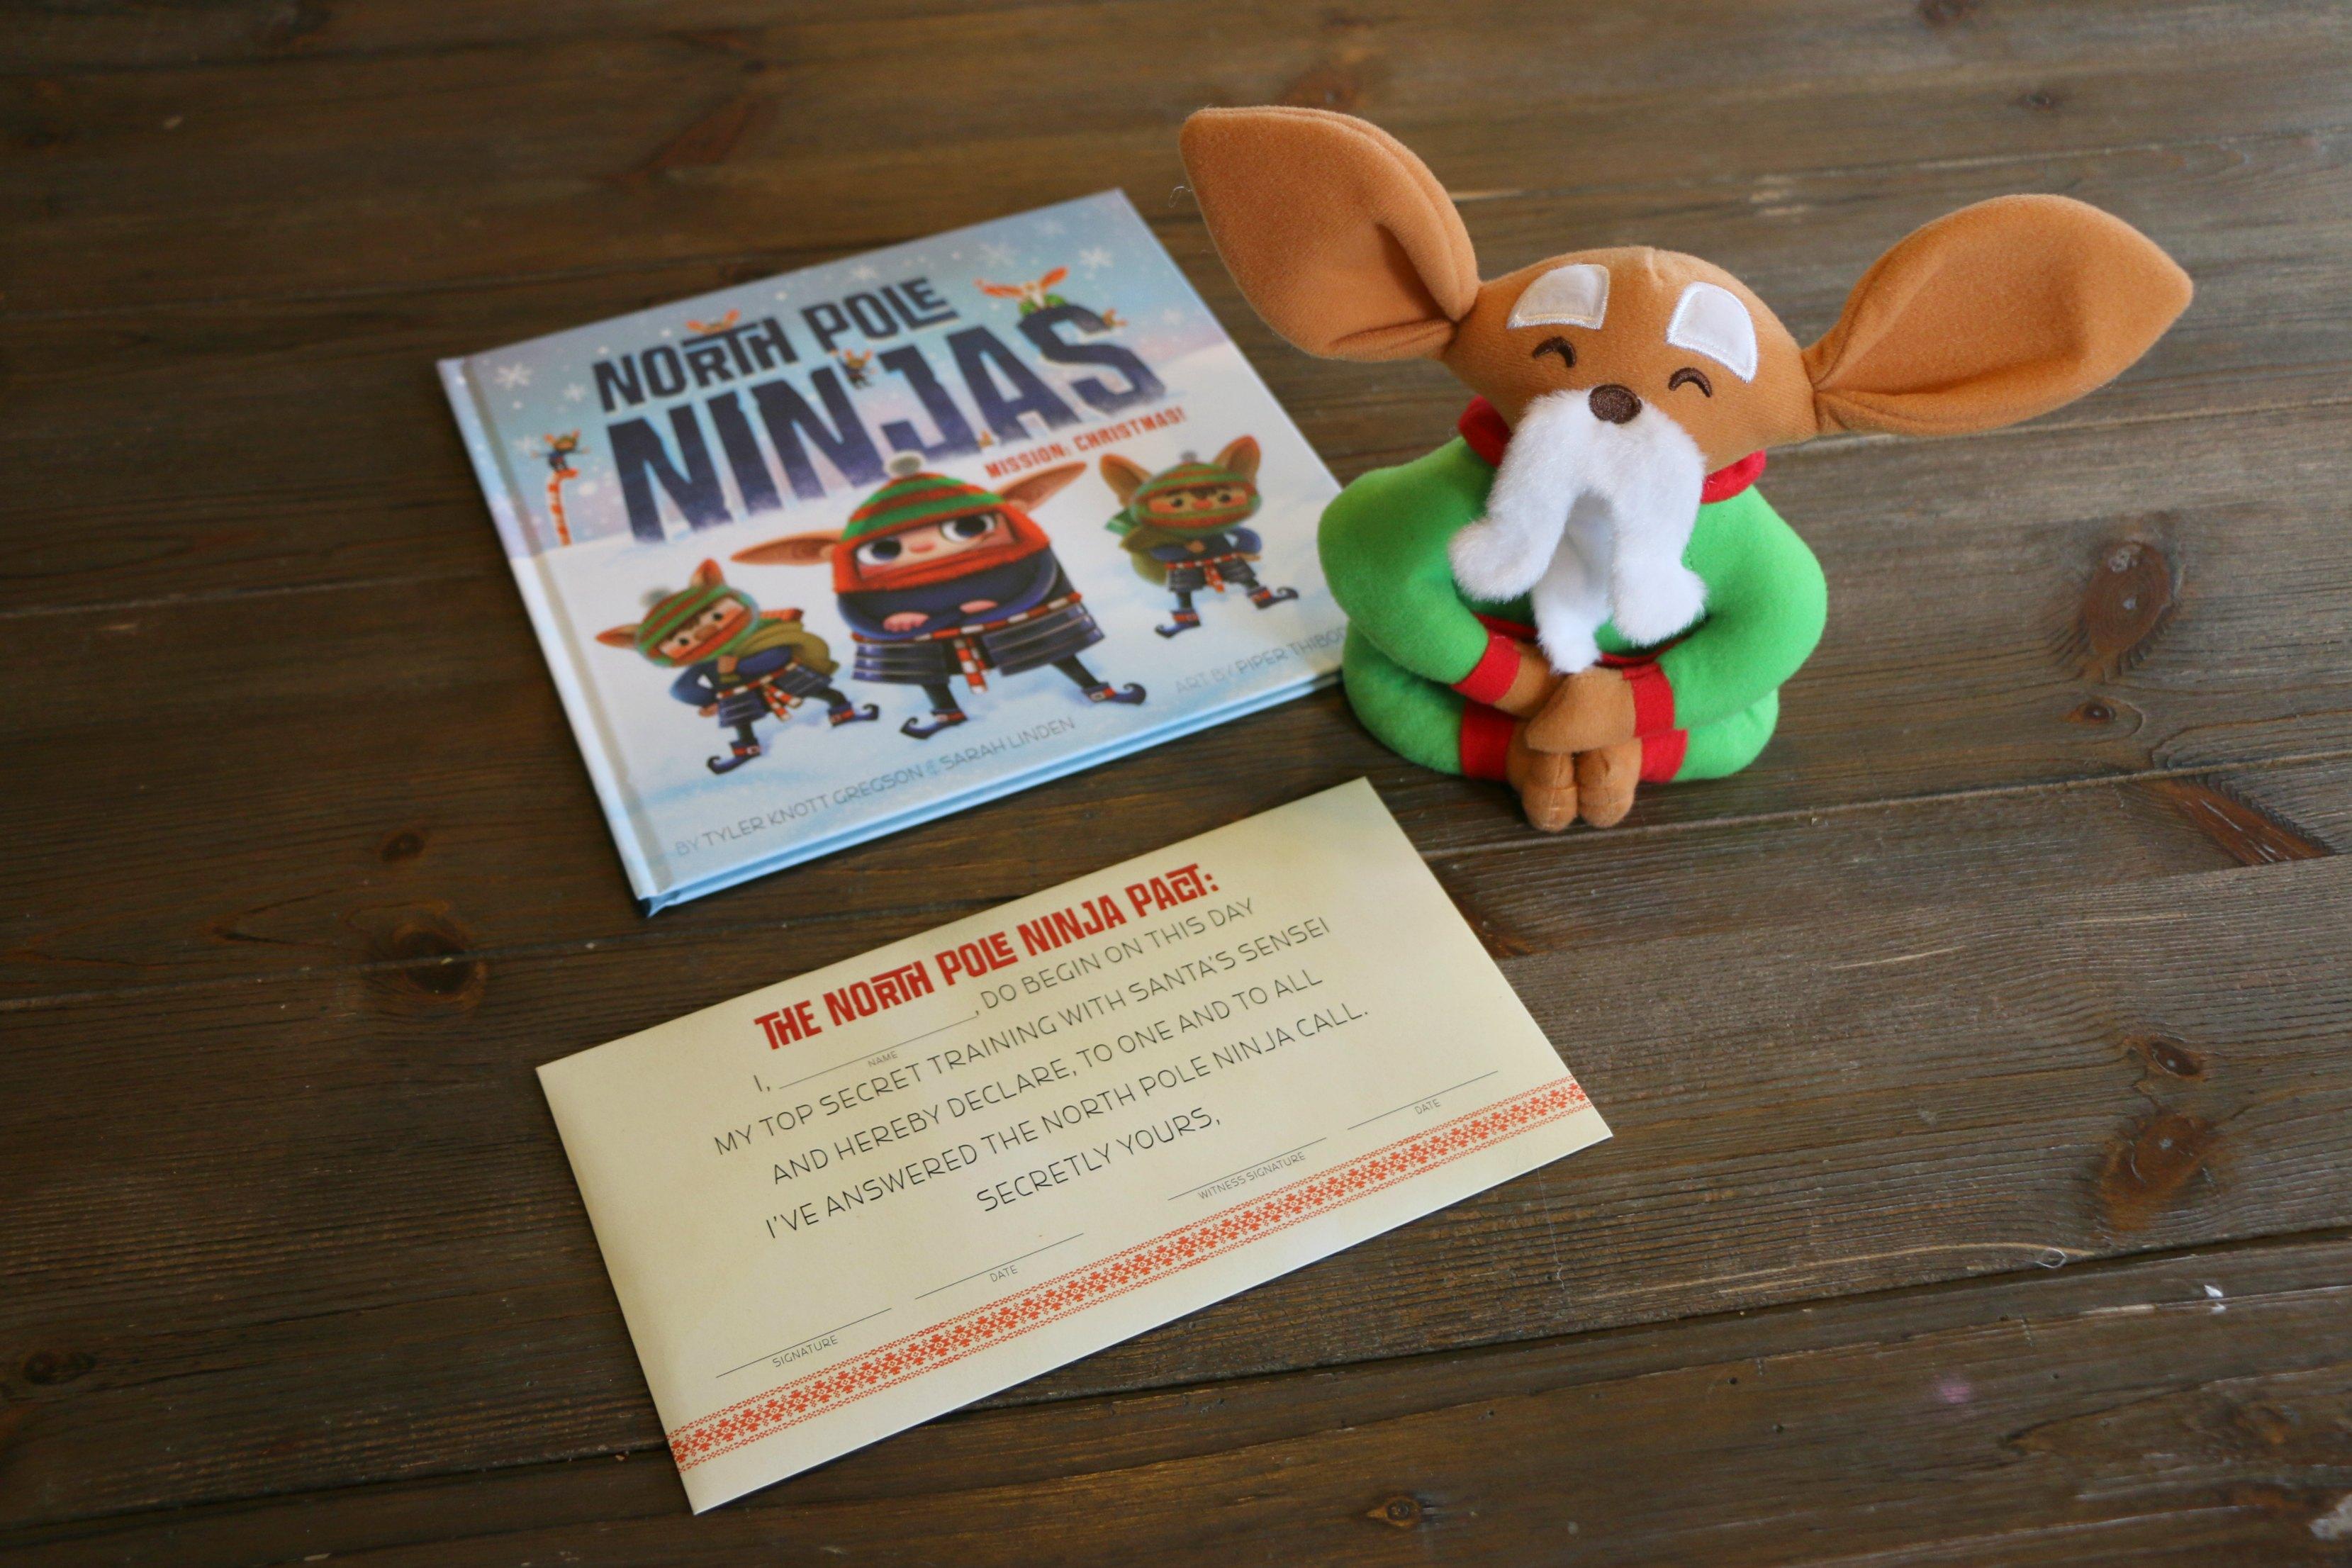 kindness-mission-for-kids